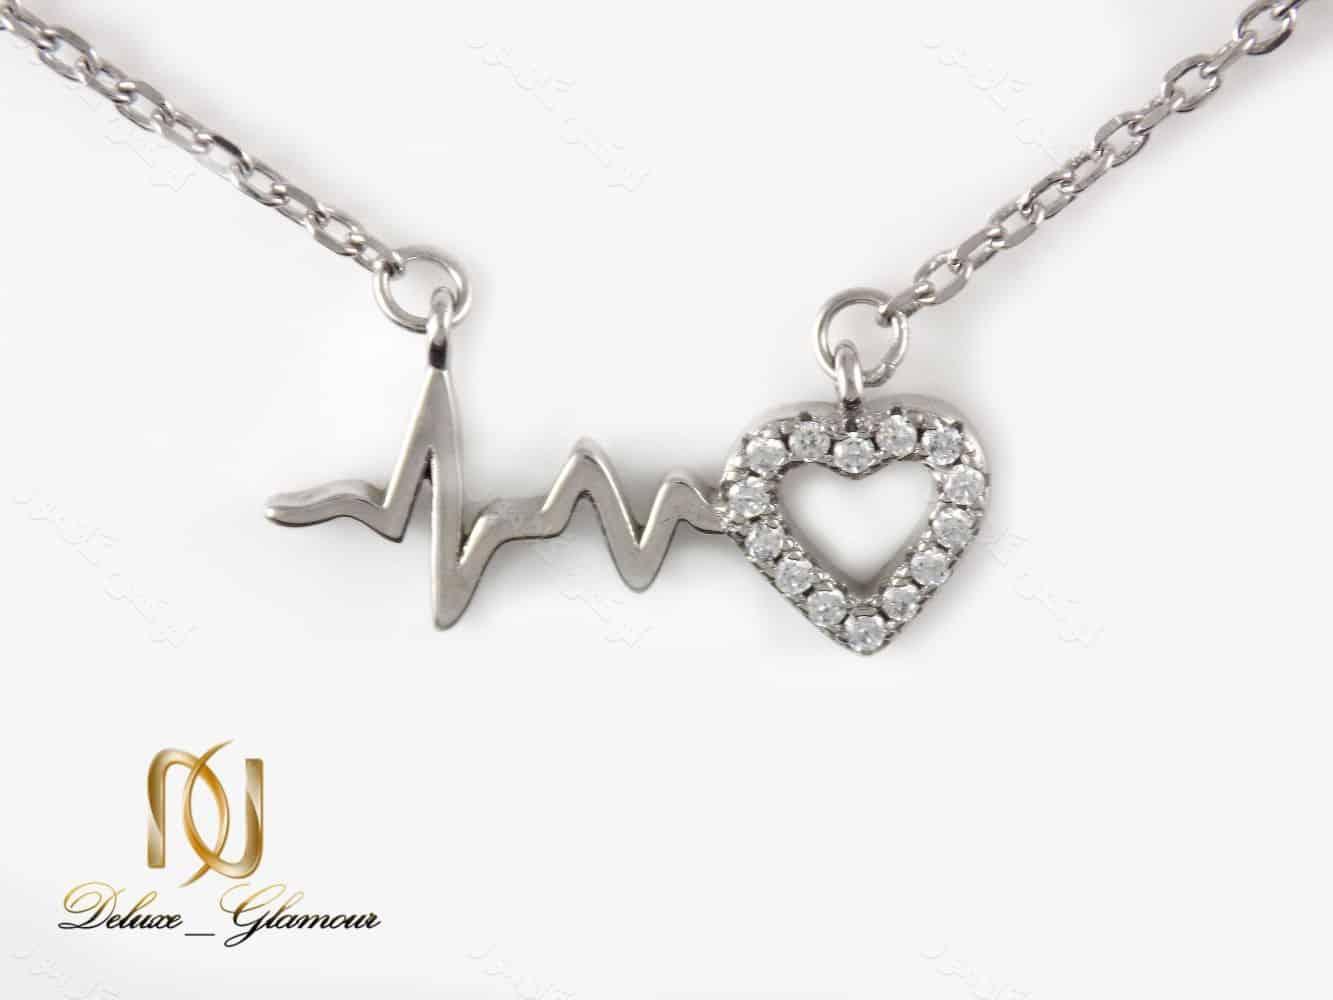 گردنبند نقره دخترانه طرح ضربان و قلب نگین دار nw-n162 از نمای روبرو